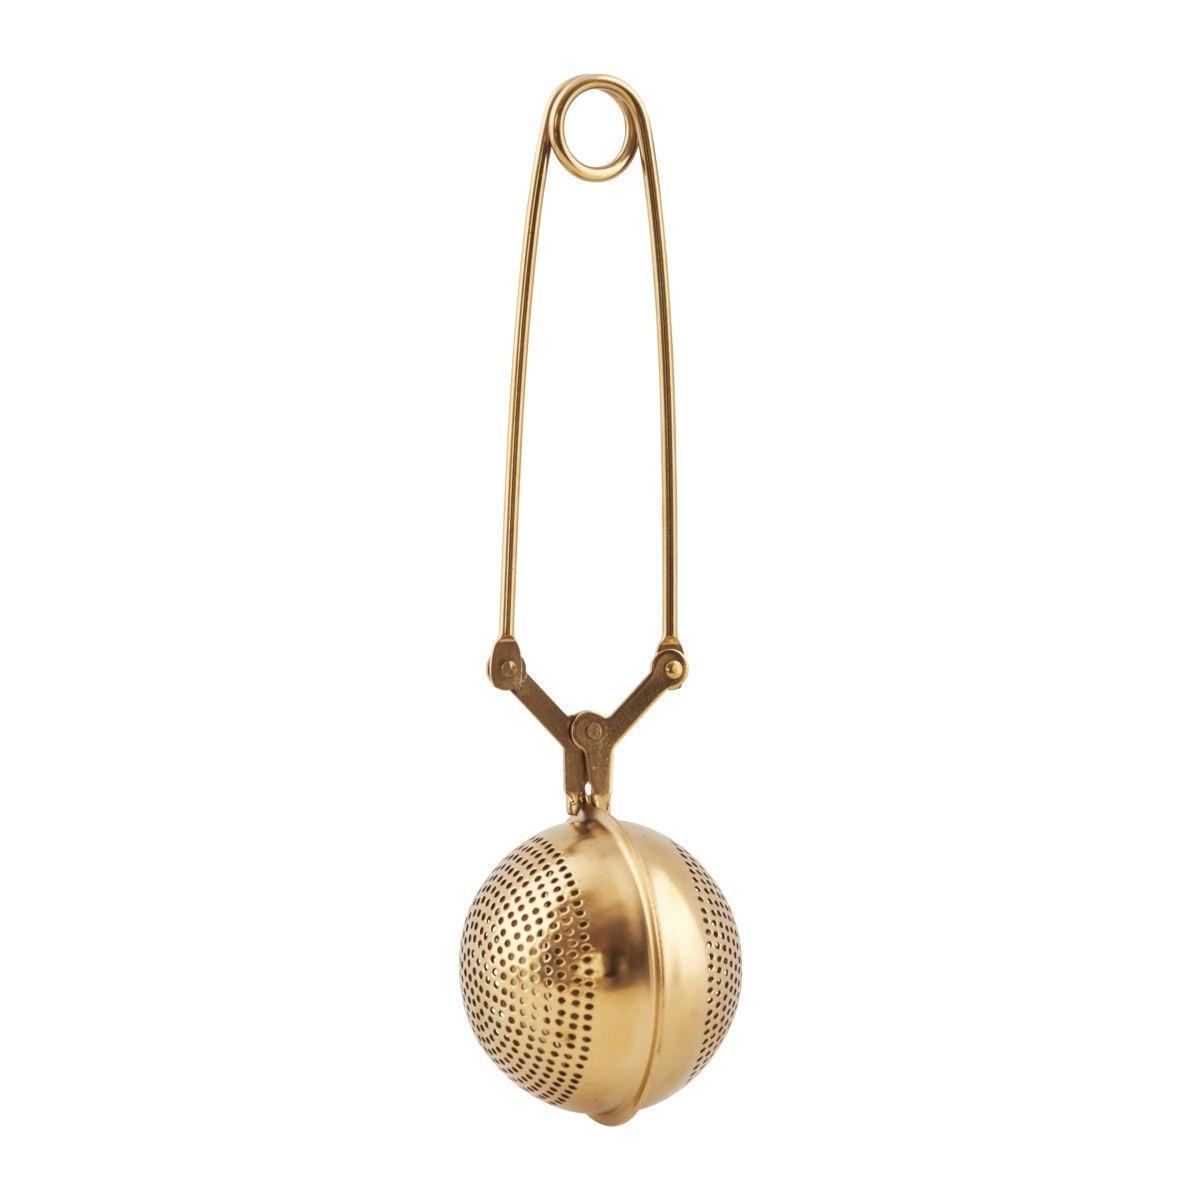 Nicolas Vahé Sítko na čaj Ball Gold, zlatá barva, kov